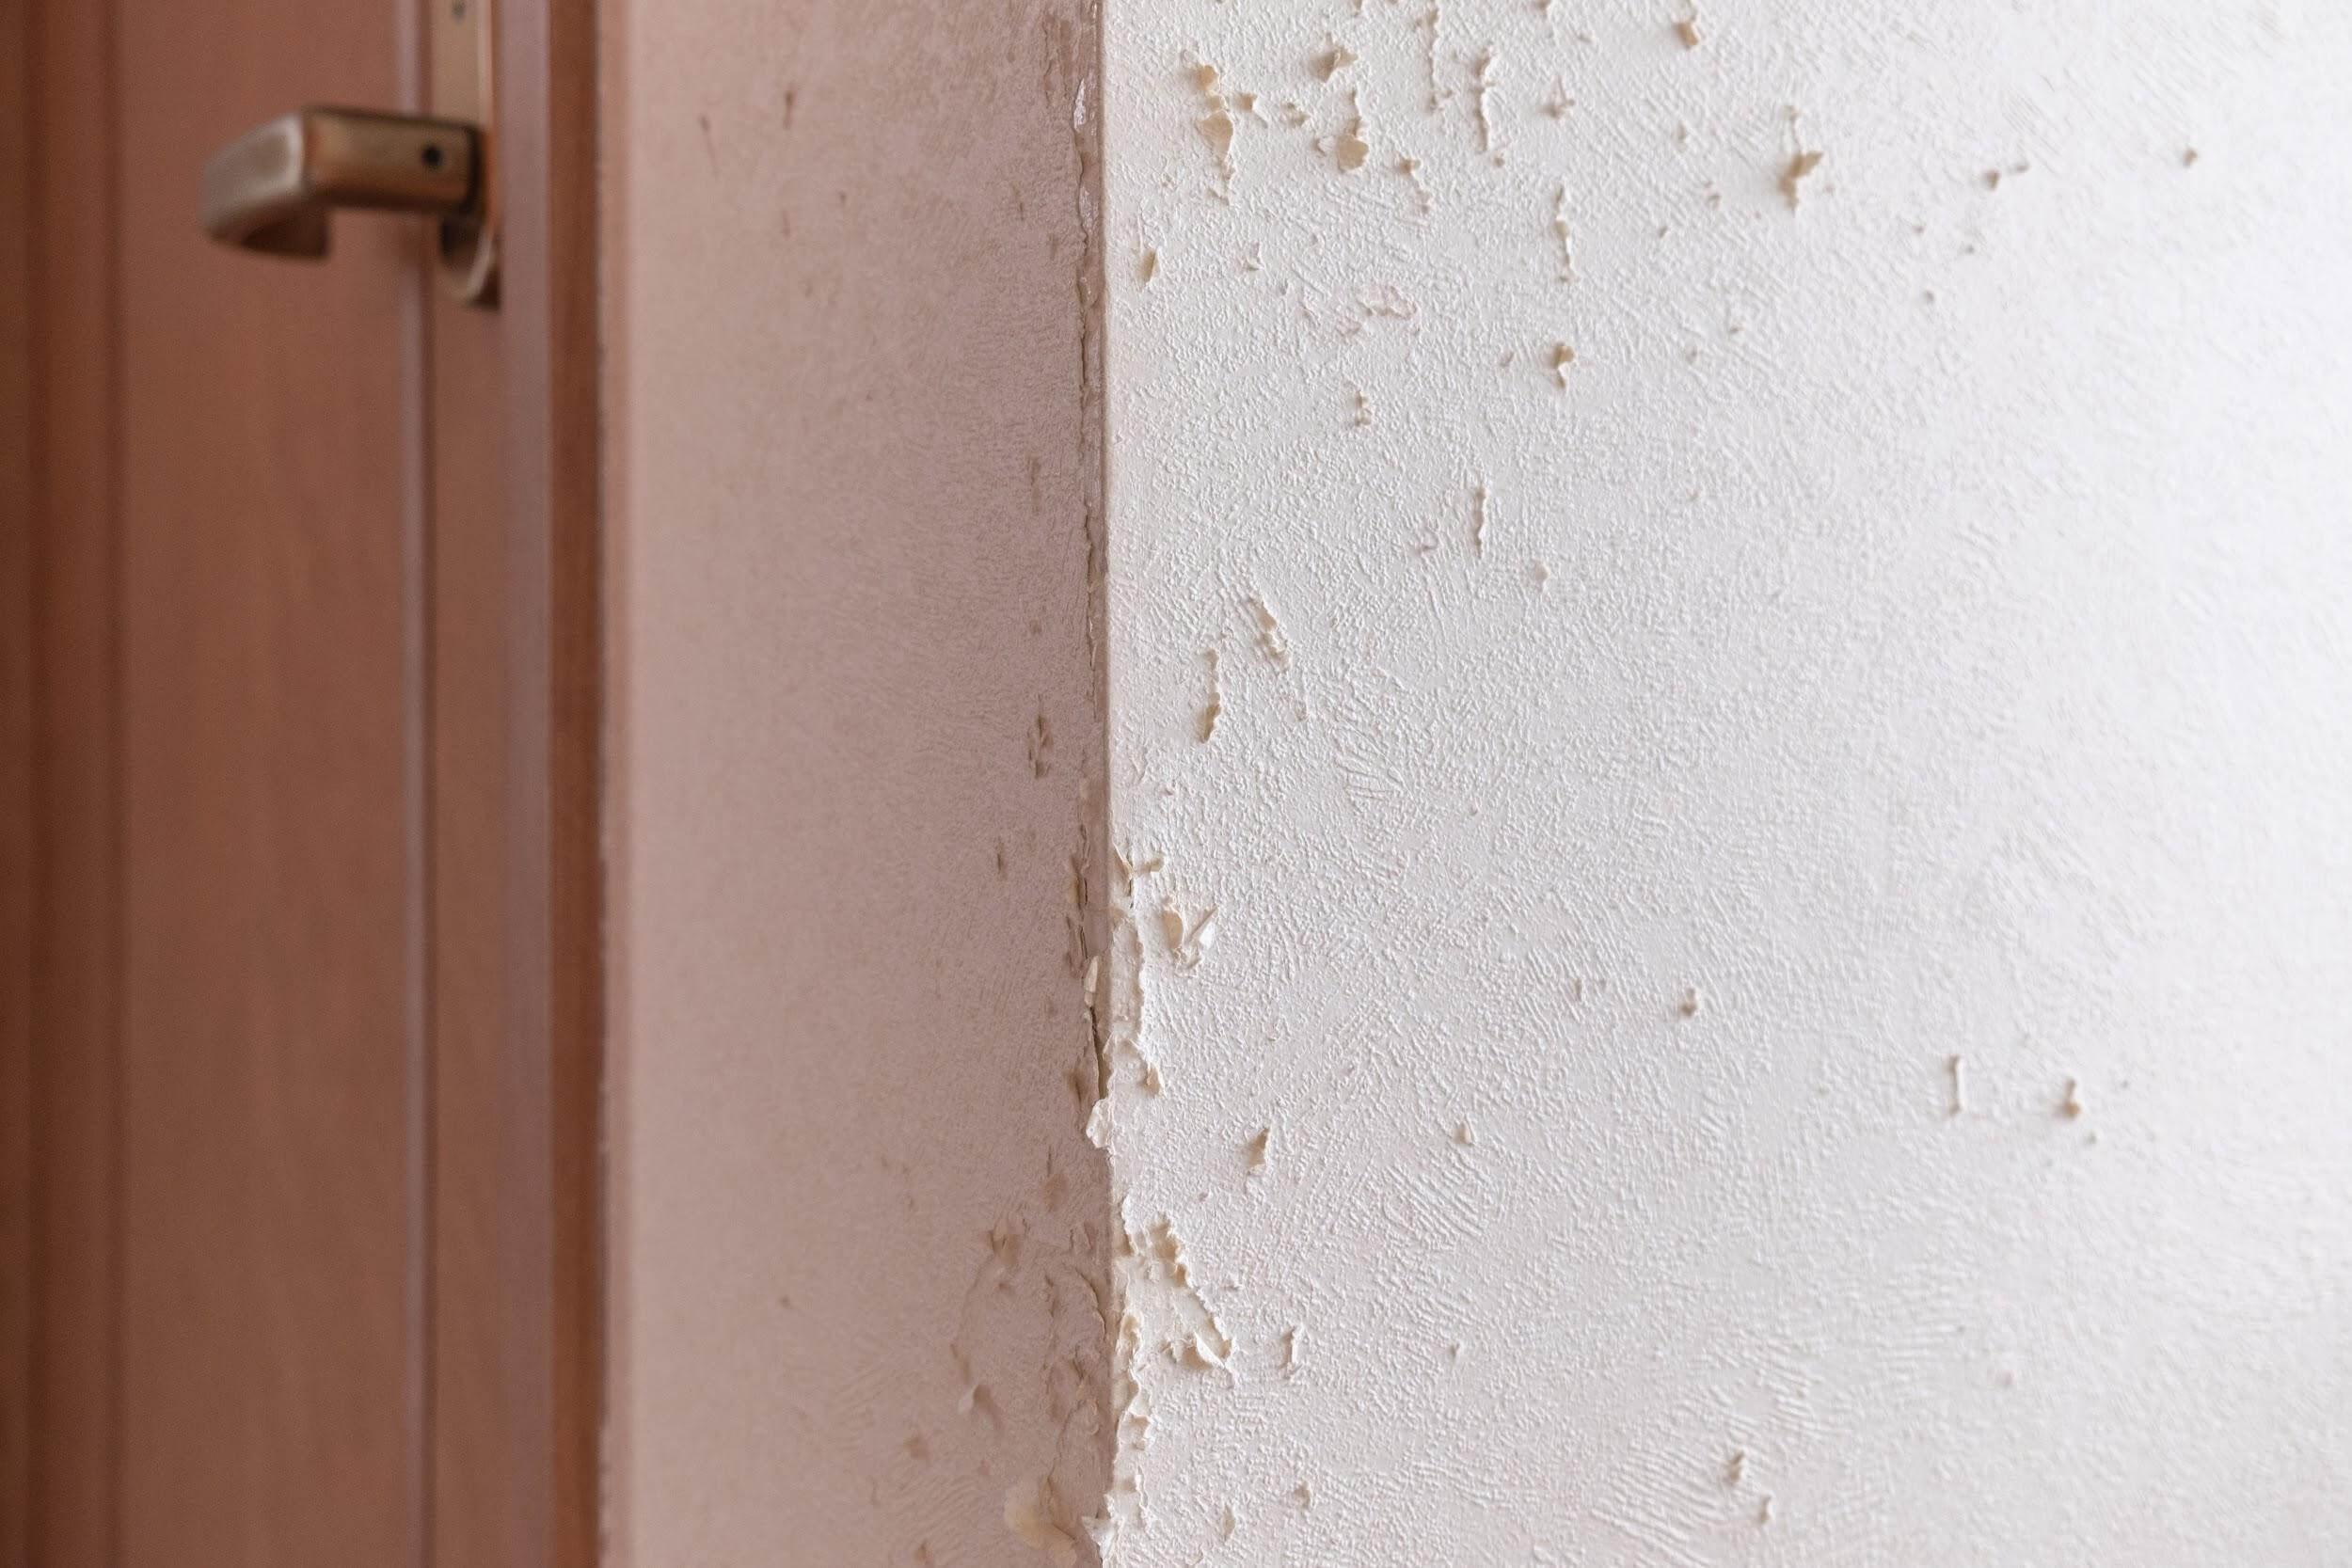 壁紙の引っかき傷はコーキングで直す